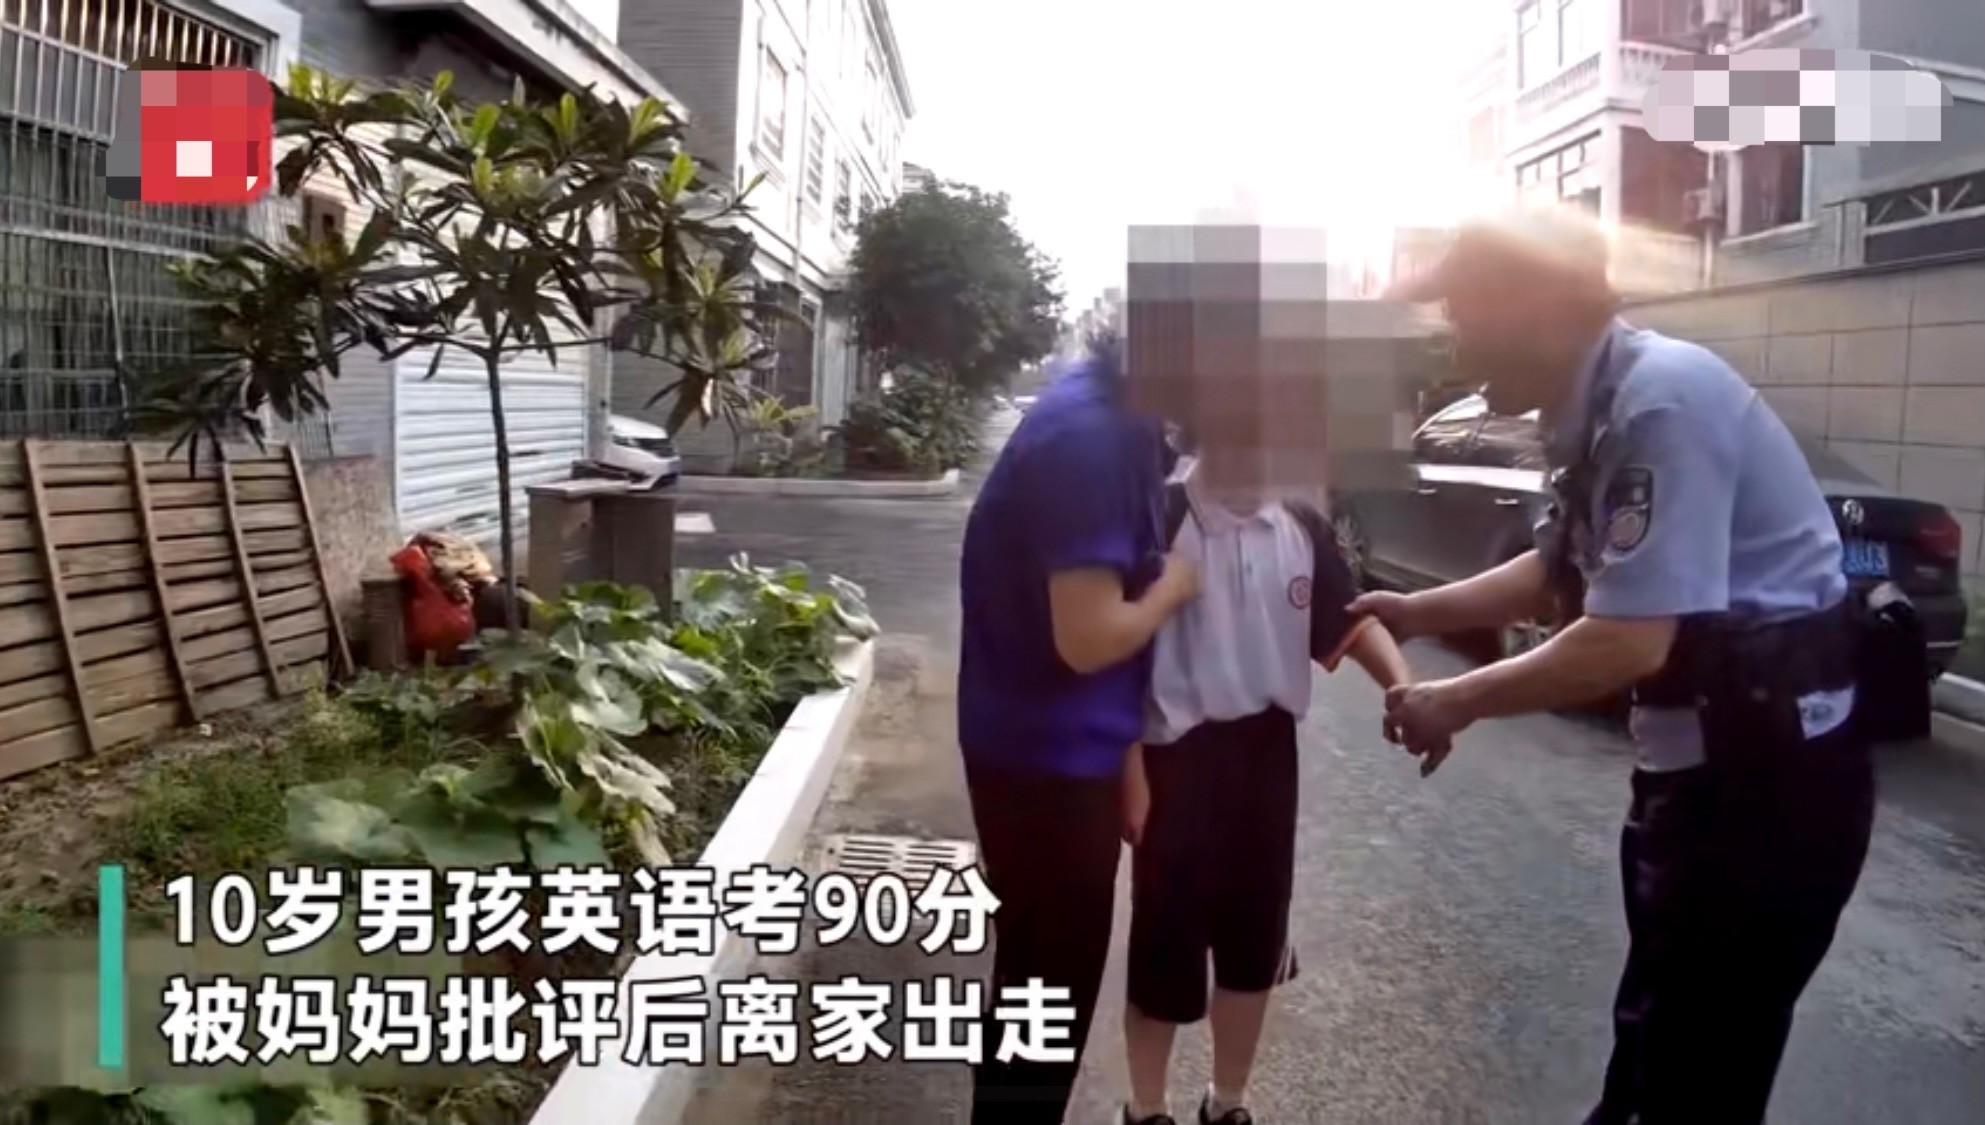 浙江10岁男孩英语考90分离家出走,在街边痛哭,妈妈:就说了他两句